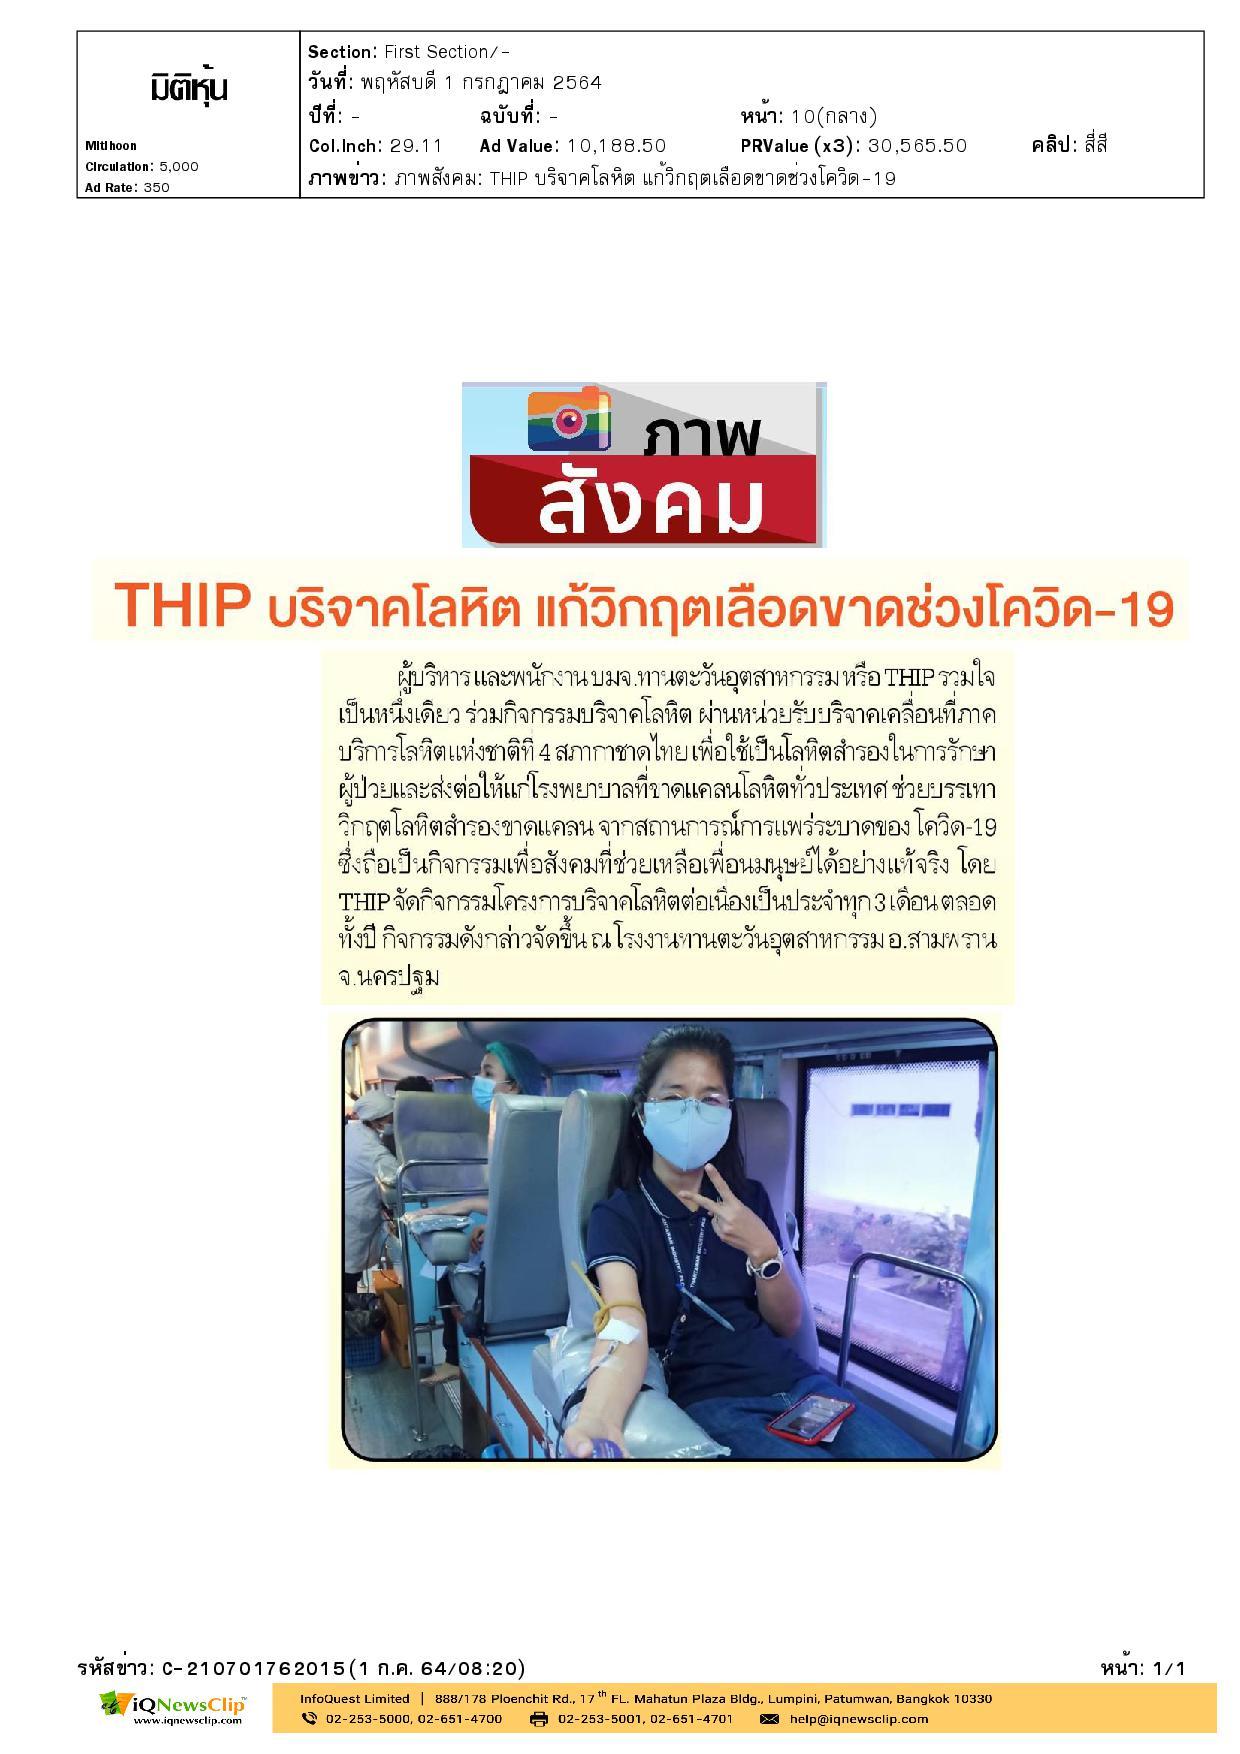 กิจกรรมบริจาคโลหิต ผ่านหน่วยรับบริจาคเคลื่อนที่ภาคบริการโลหิตแห่งชาติที่ 4 สภากาชาดไทย